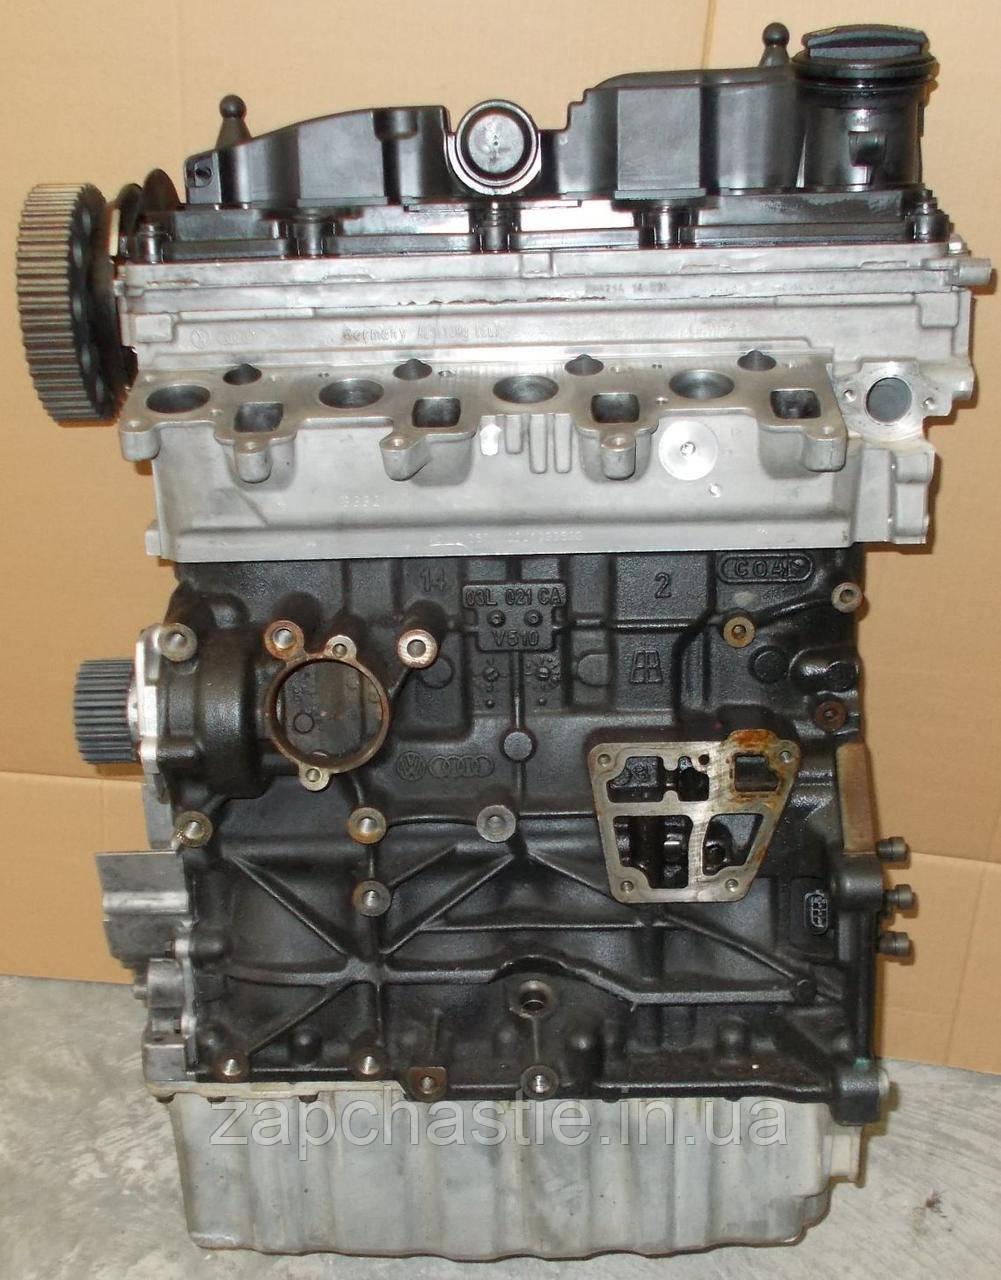 Фото двигателя фольксваген транспортер транспортер для м4 купить